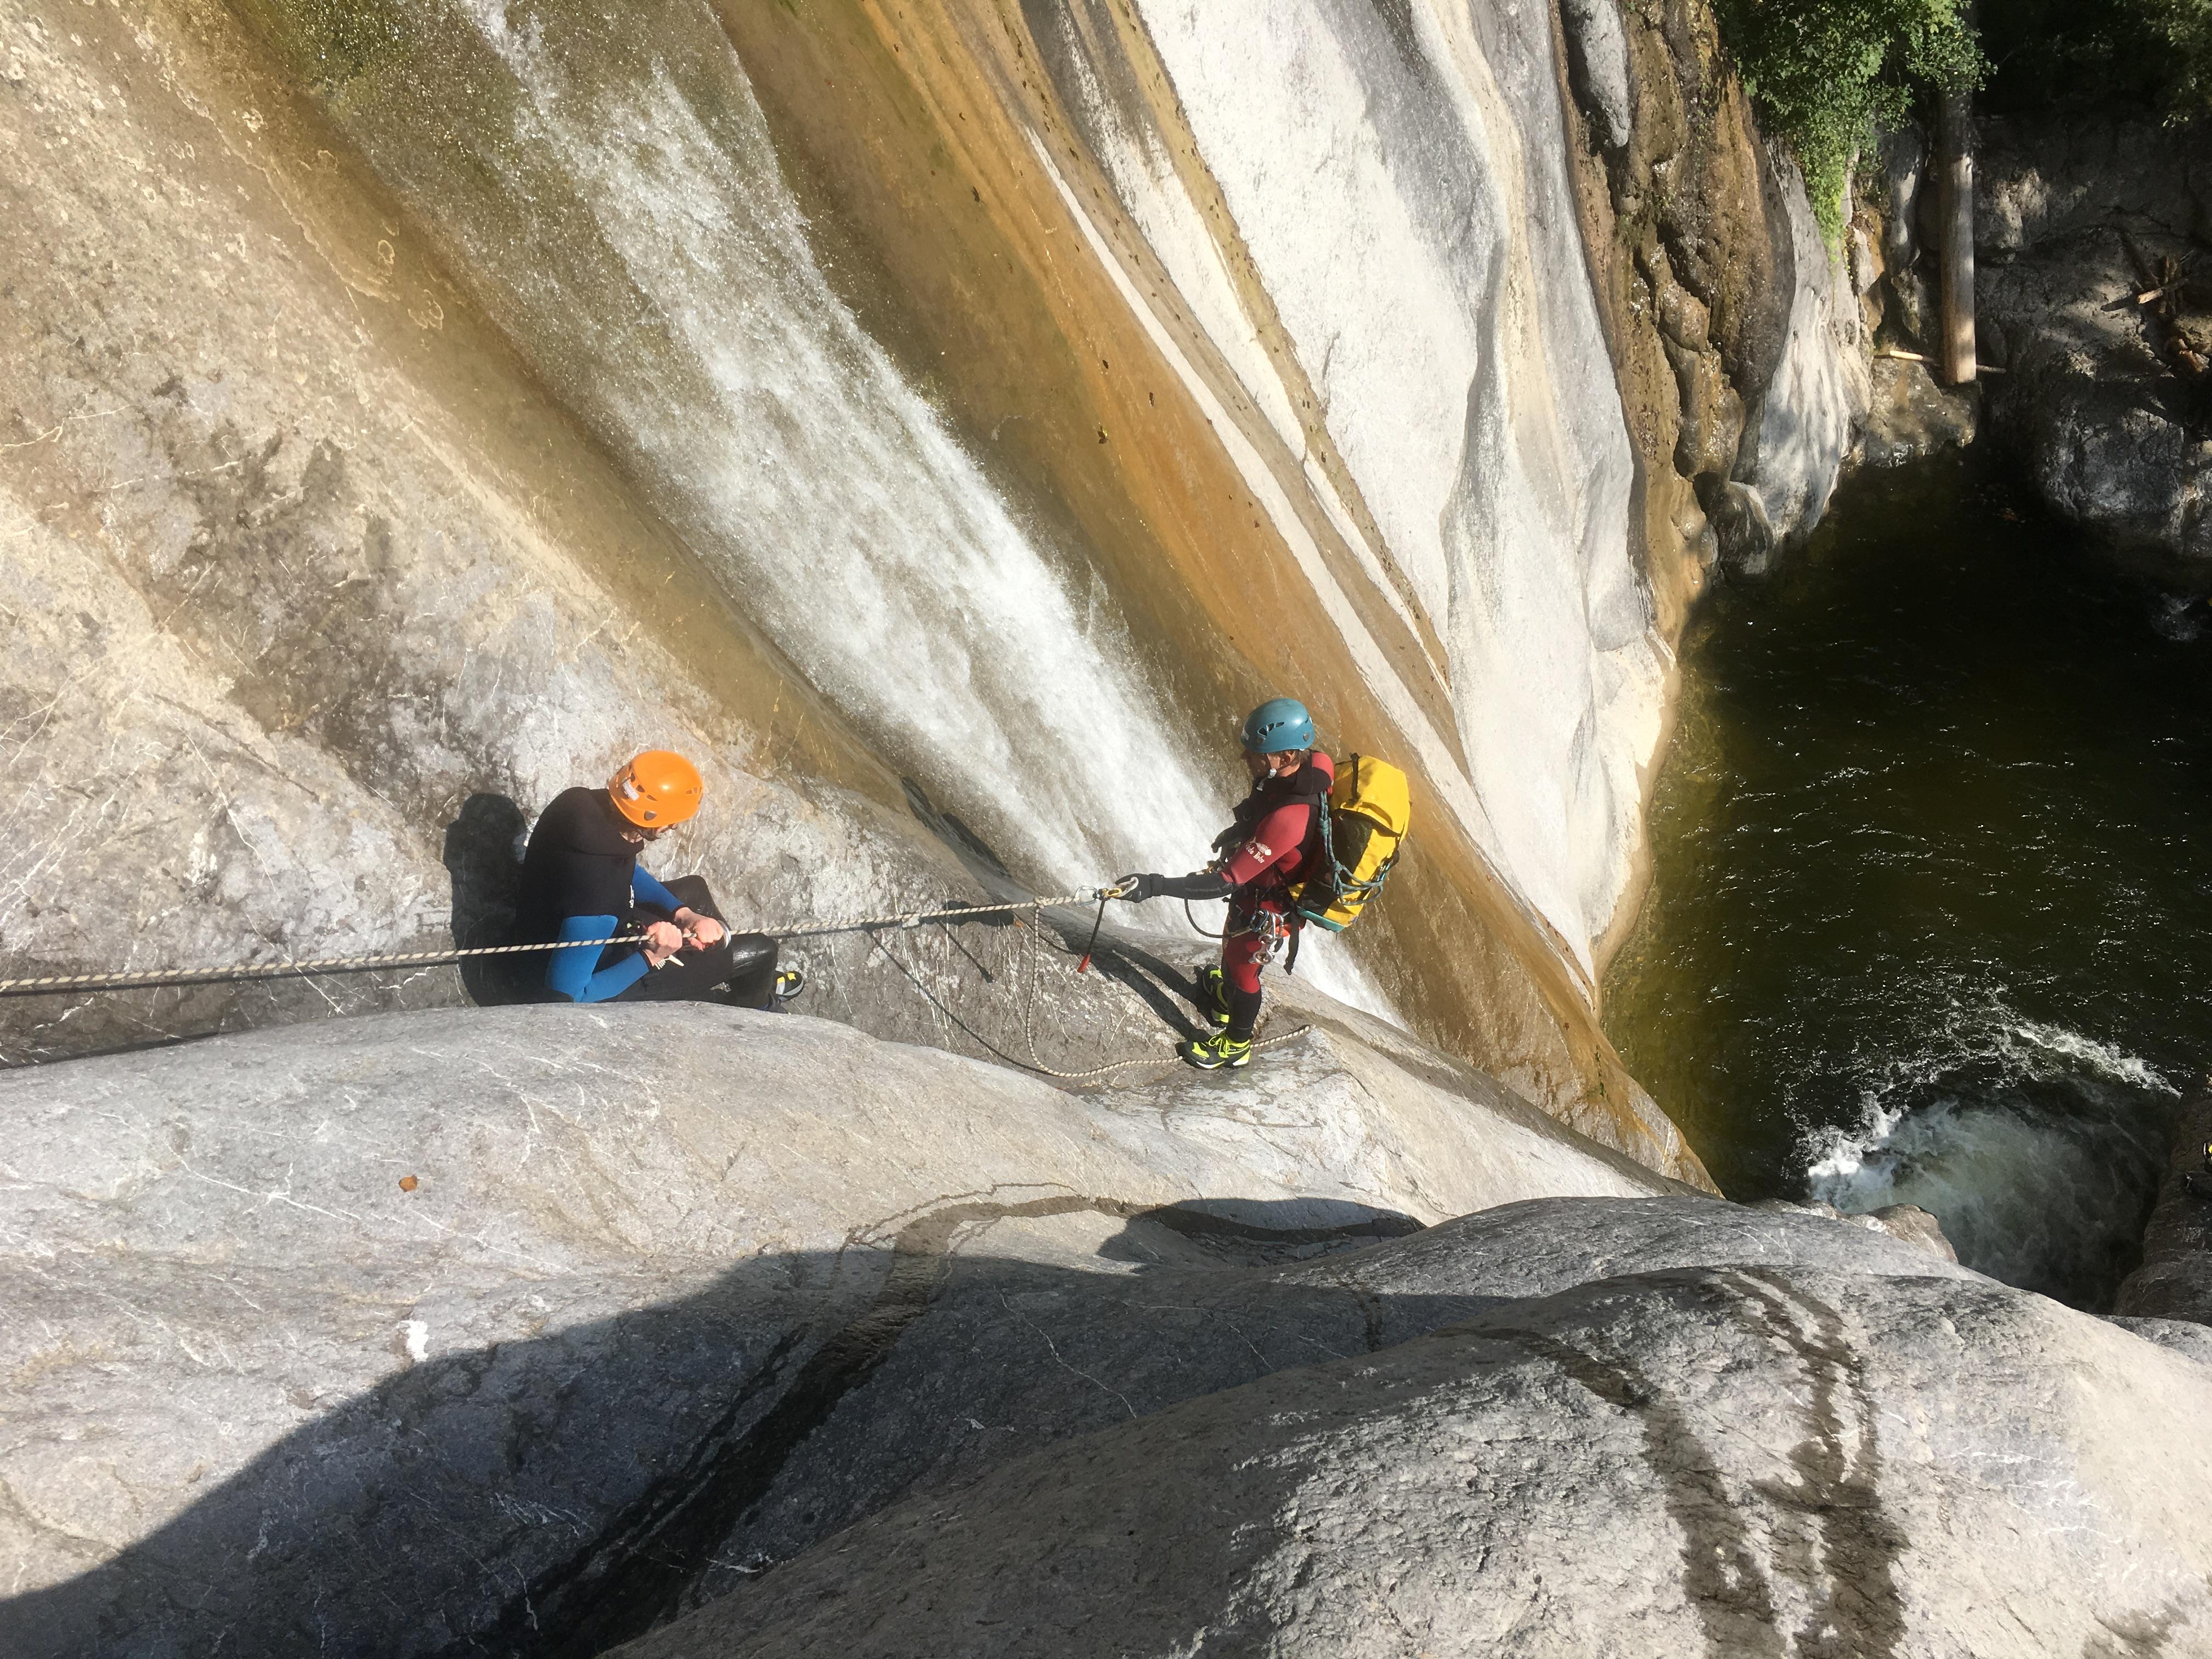 Klettergurt Canyoning : Canyoning u2013 engelberg mountain guide